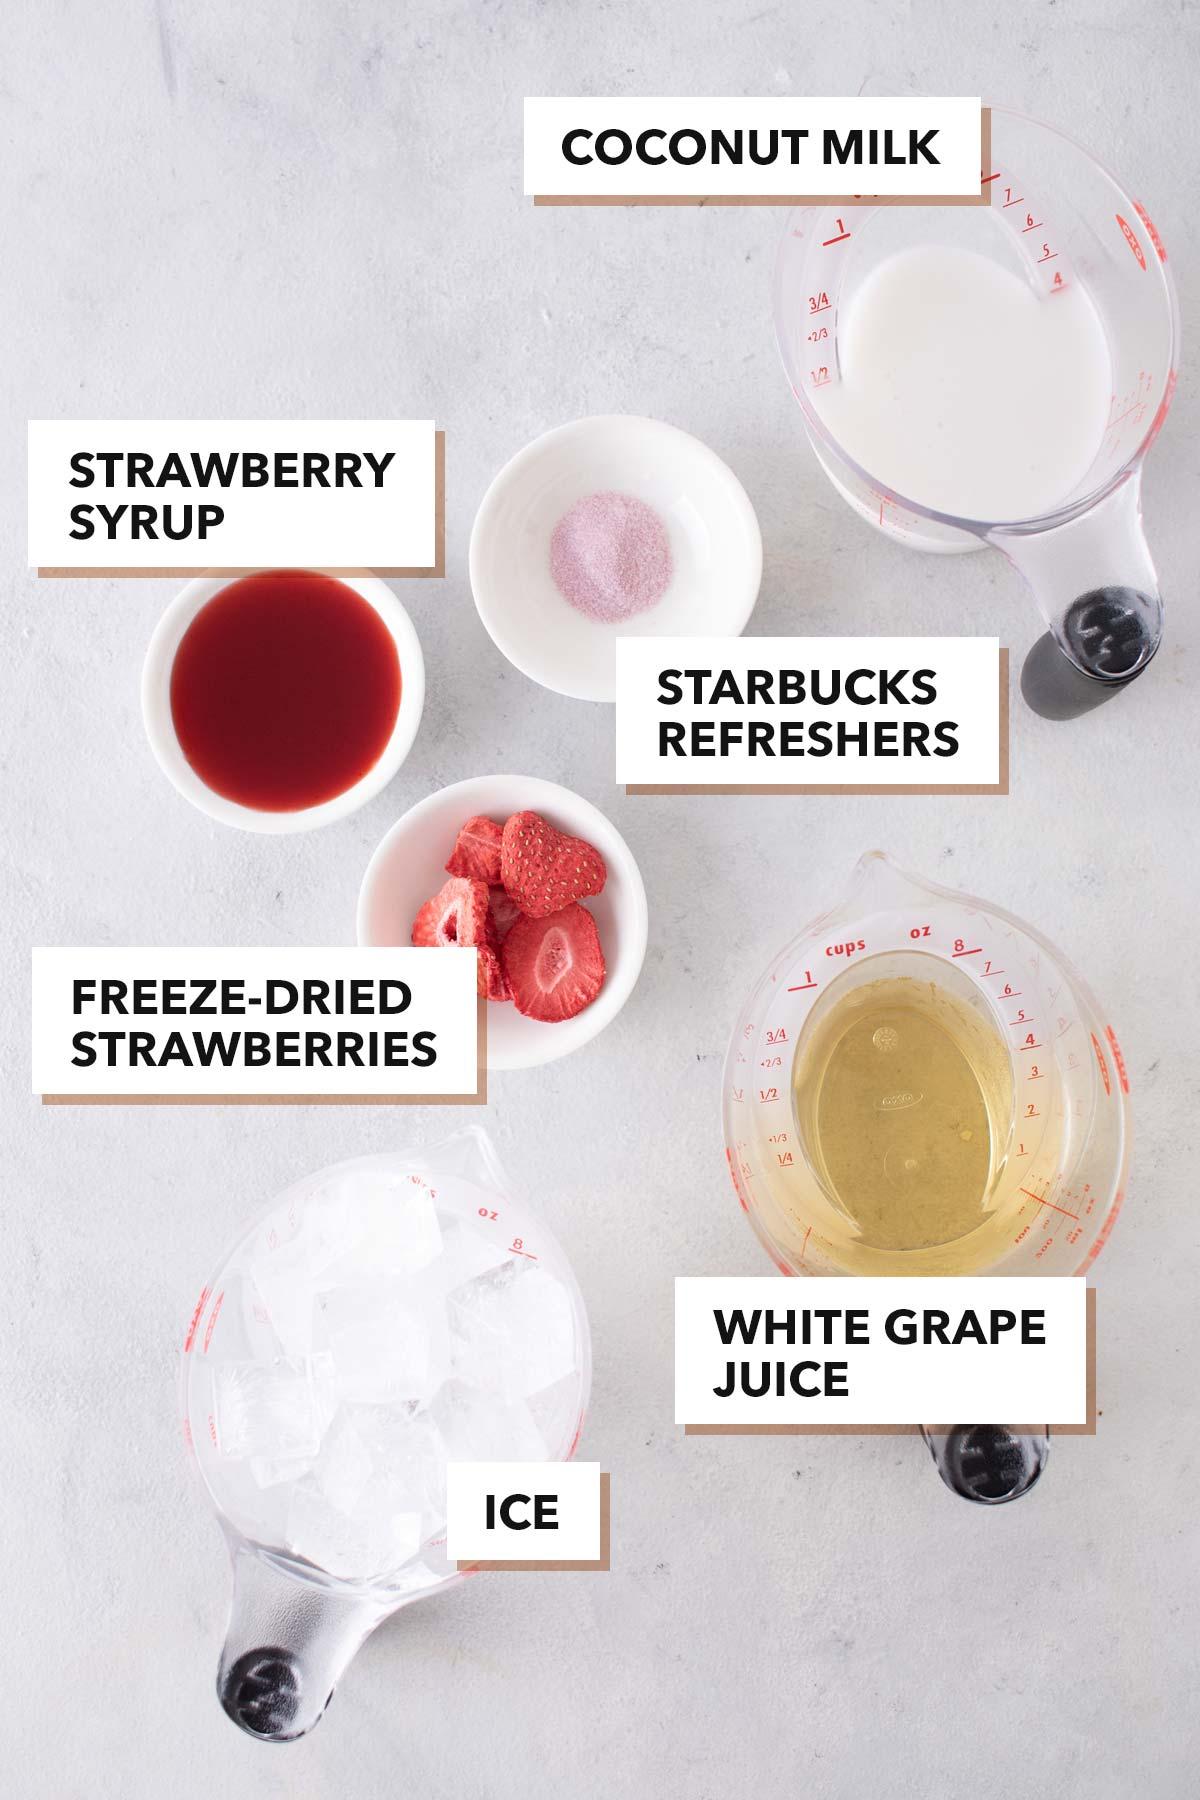 Starbucks Pink Drink copycat recipe ingredients.